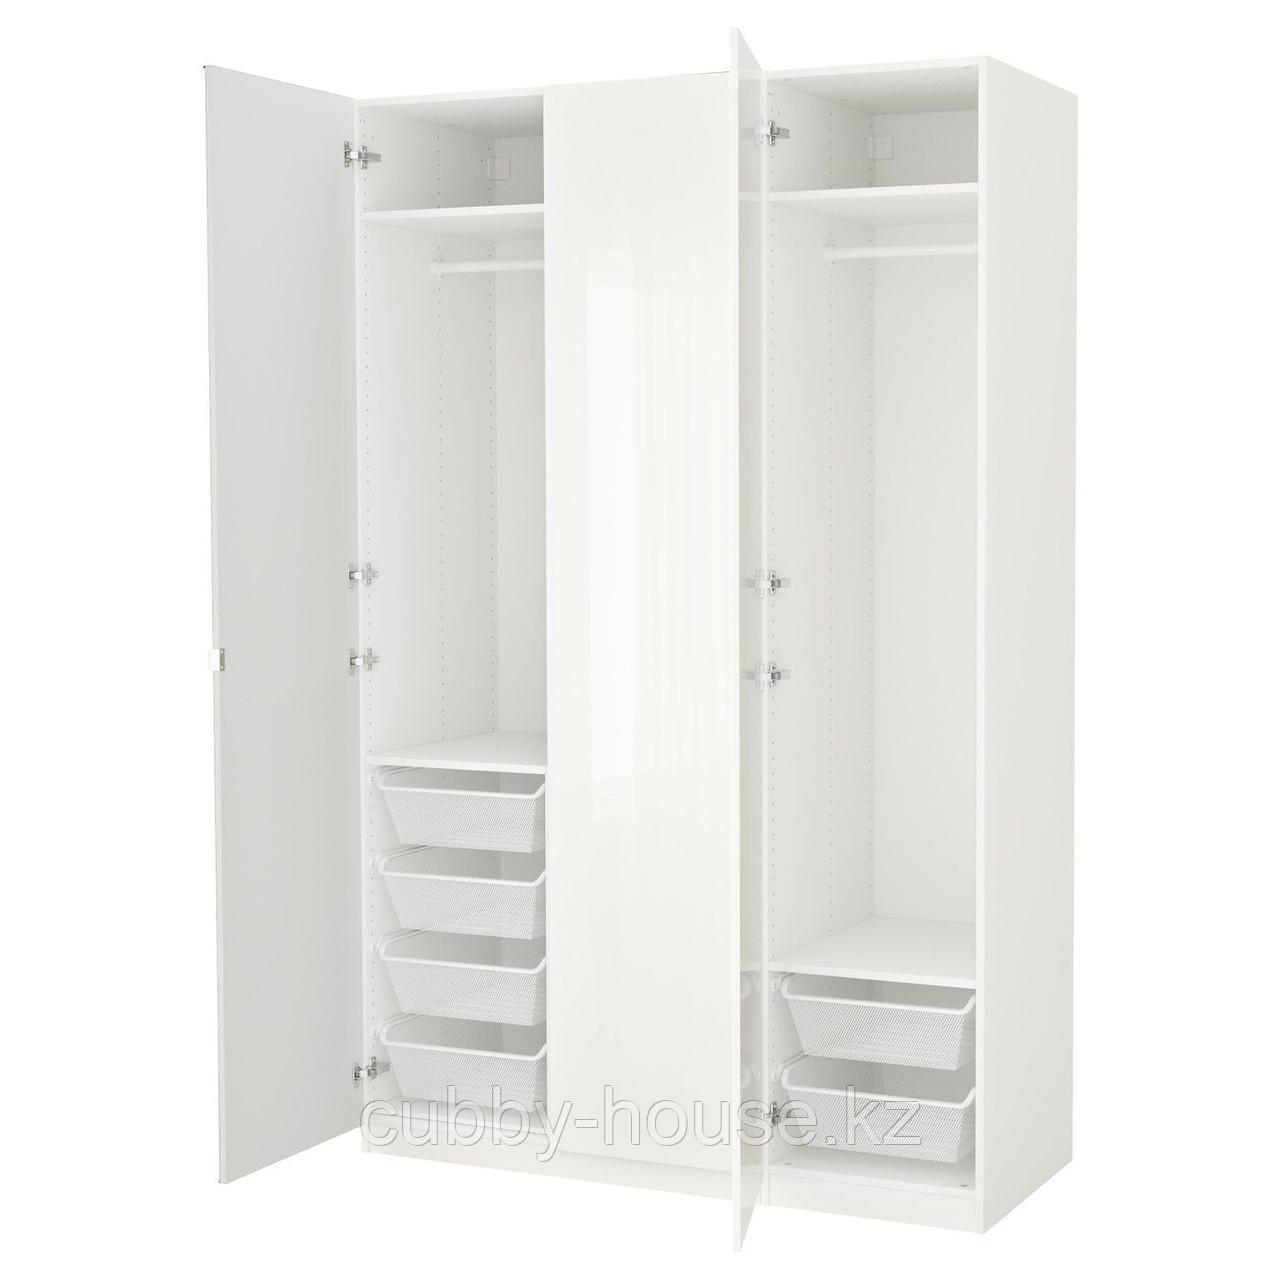 ПАКС Гардероб, белый, Фардаль Викедаль, 150x60x236 см